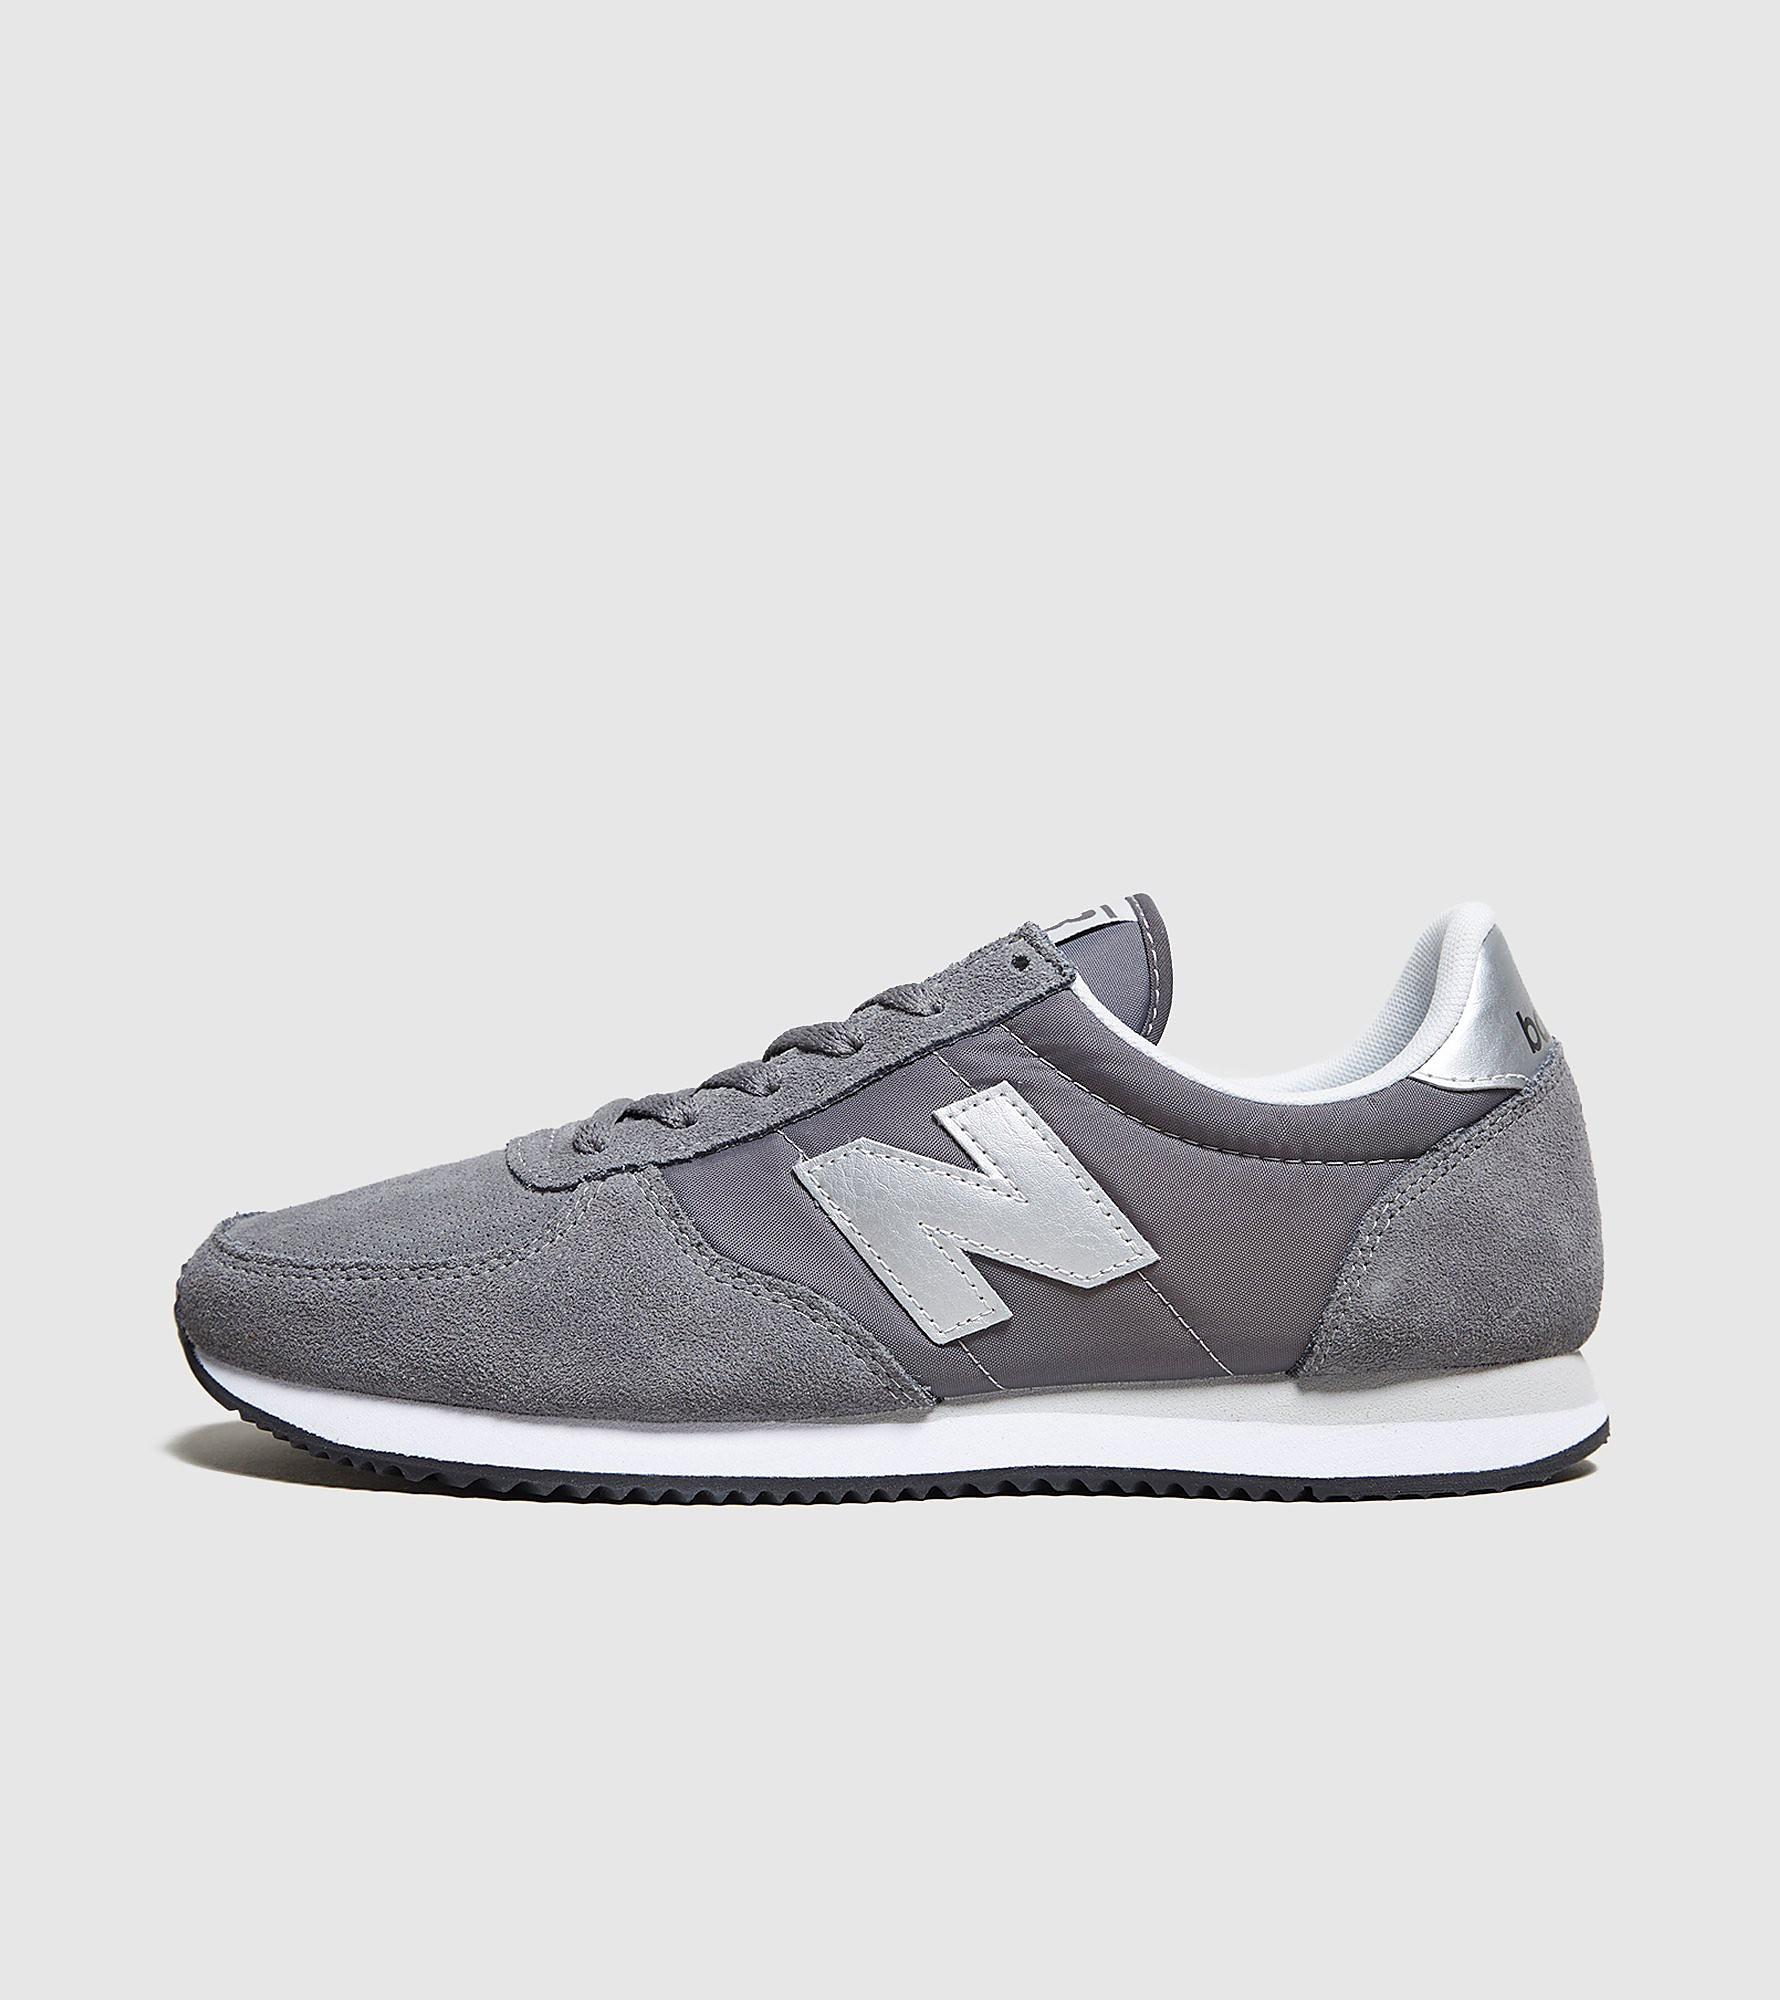 New Balance220v1-220v1 Hombres 8Vf7V